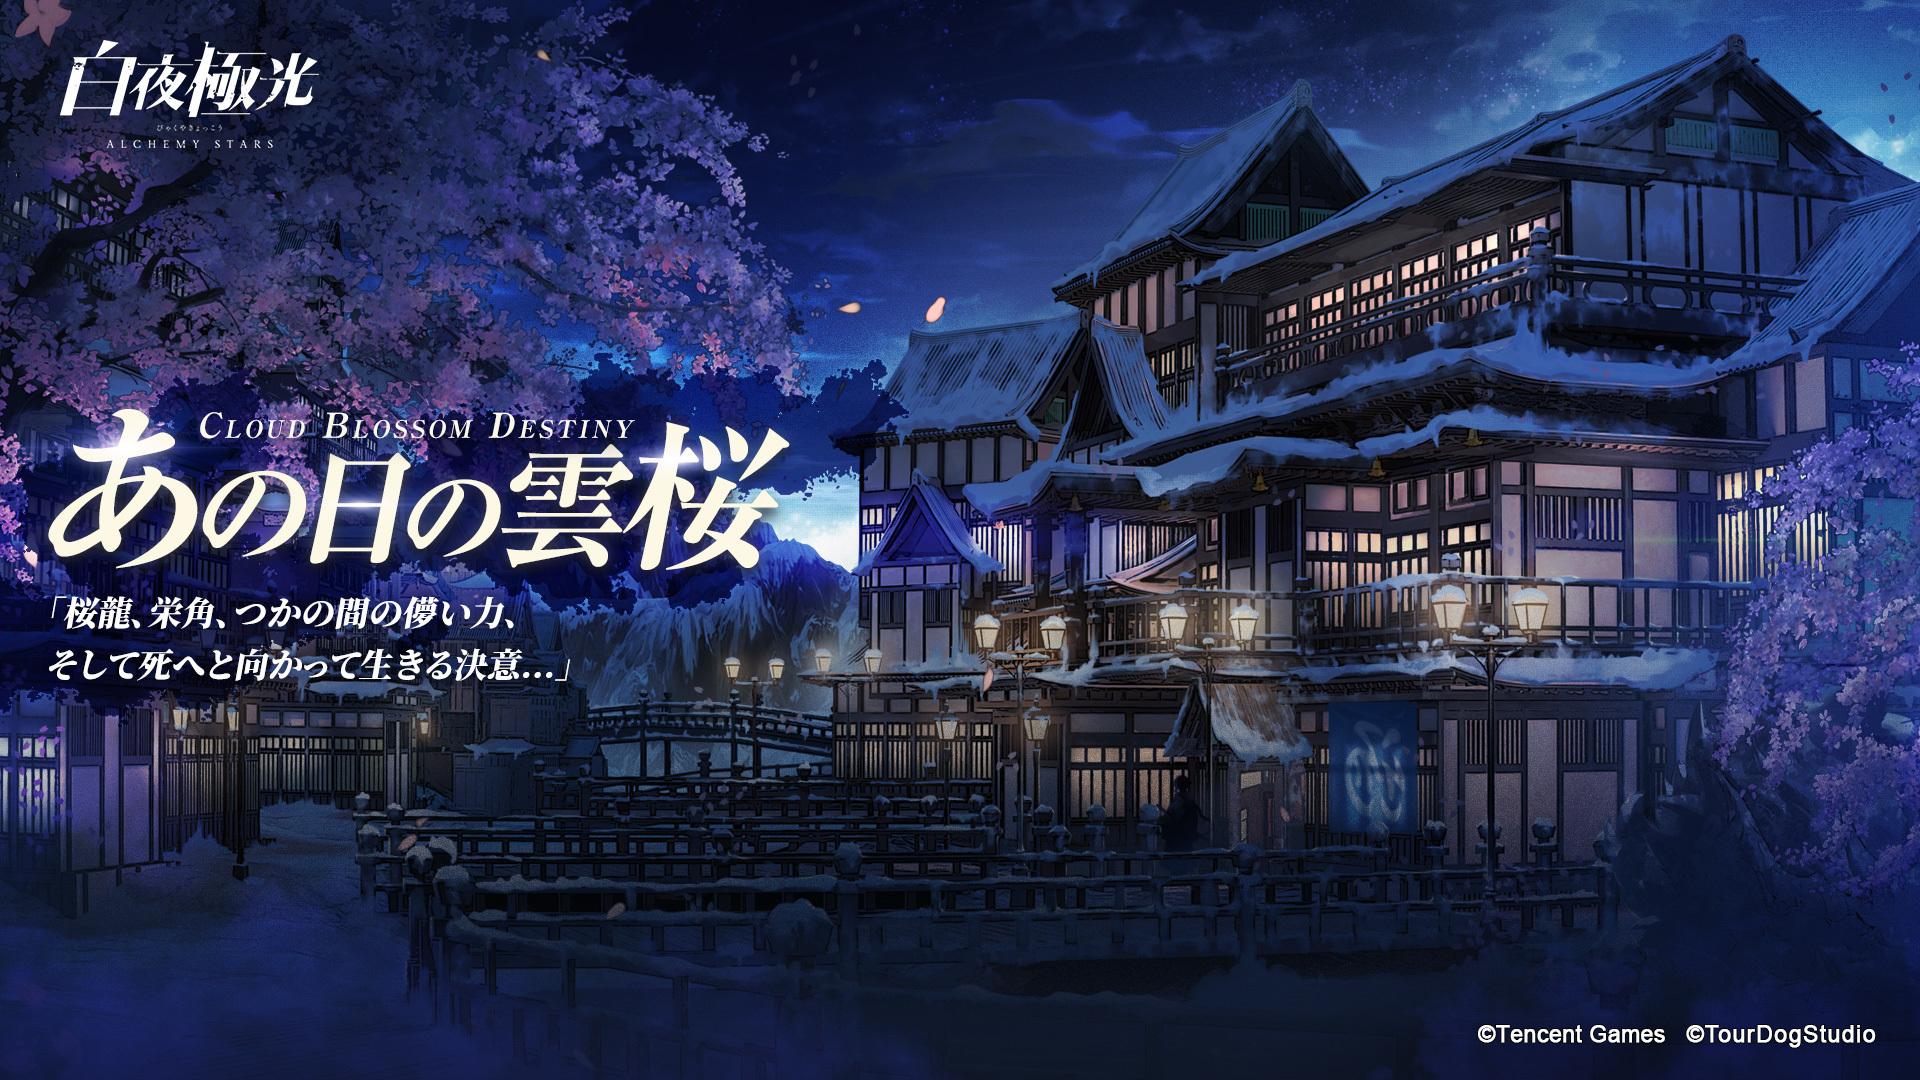 《白夜極光》公開新角色「HIIRO」PV 預告推出新活動「那一天的雲櫻」